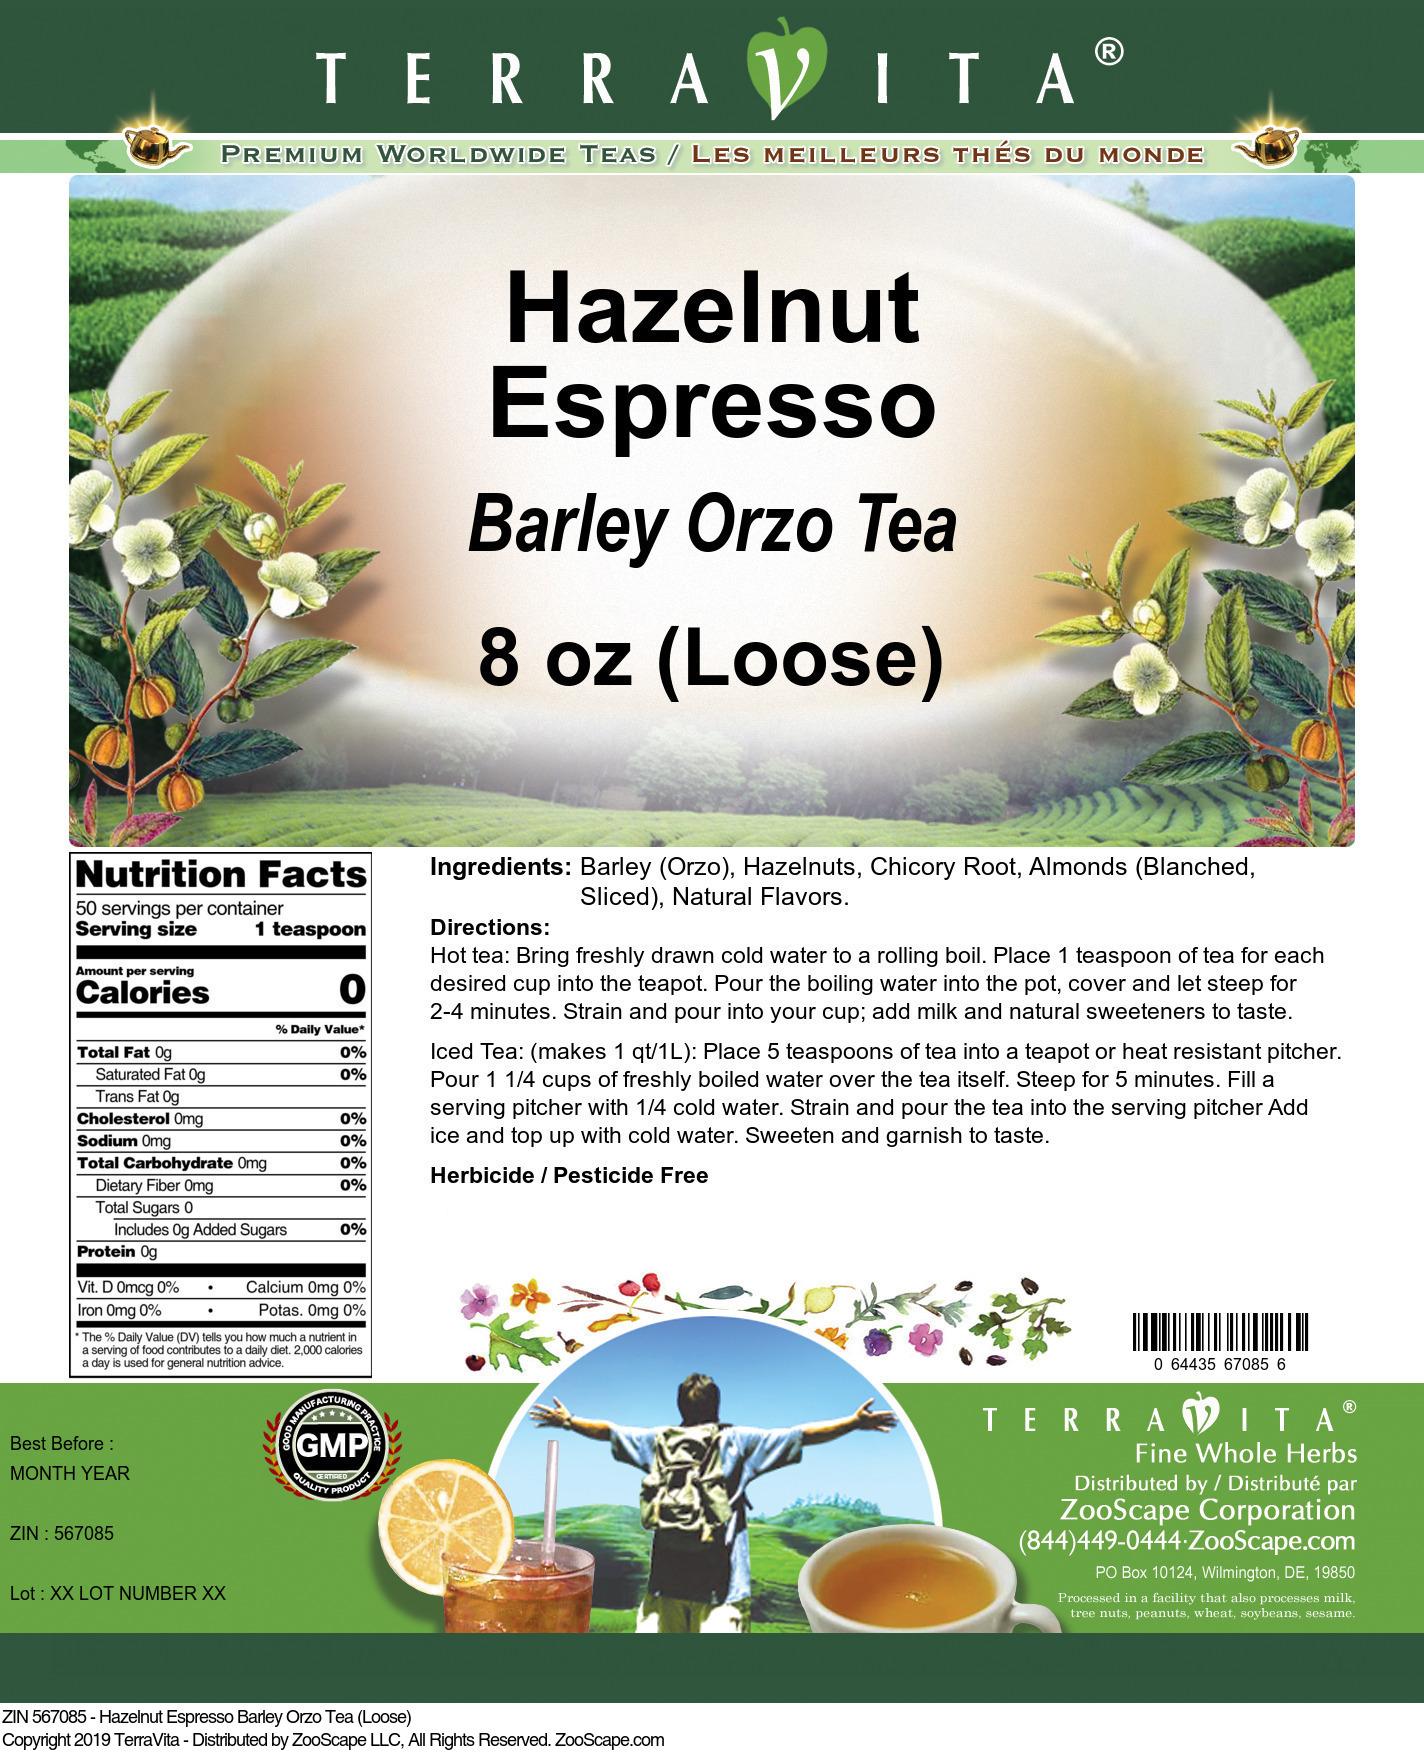 Hazelnut Espresso Barley Orzo